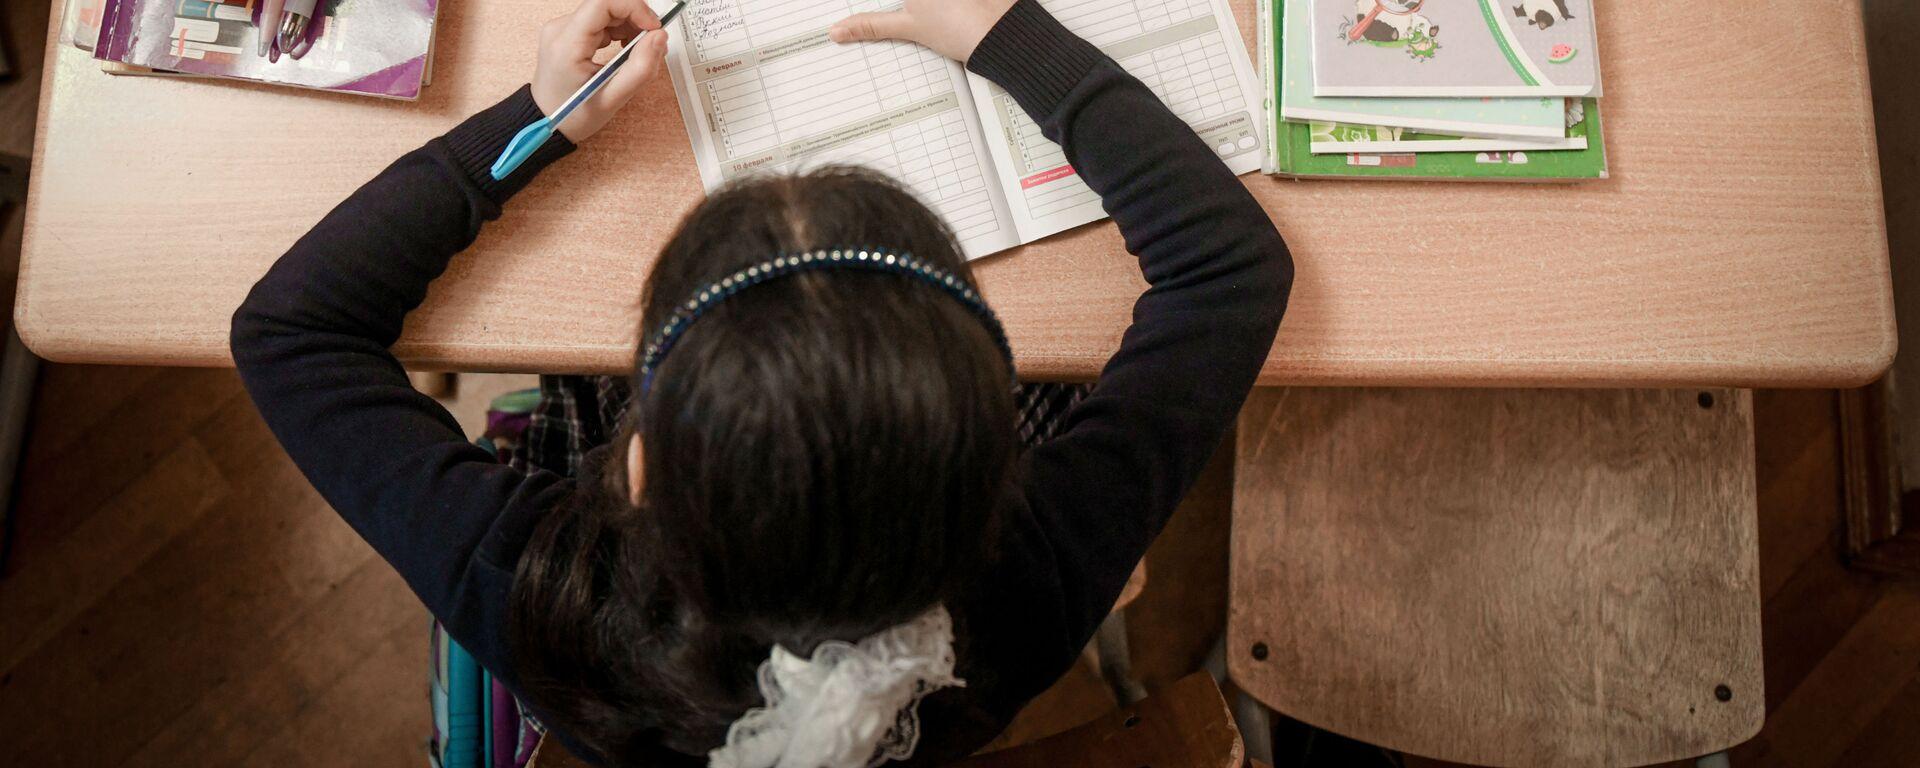 Возобновление очных занятий в бакинских школах, 1 февраля 2021 года - Sputnik Азербайджан, 1920, 10.03.2021